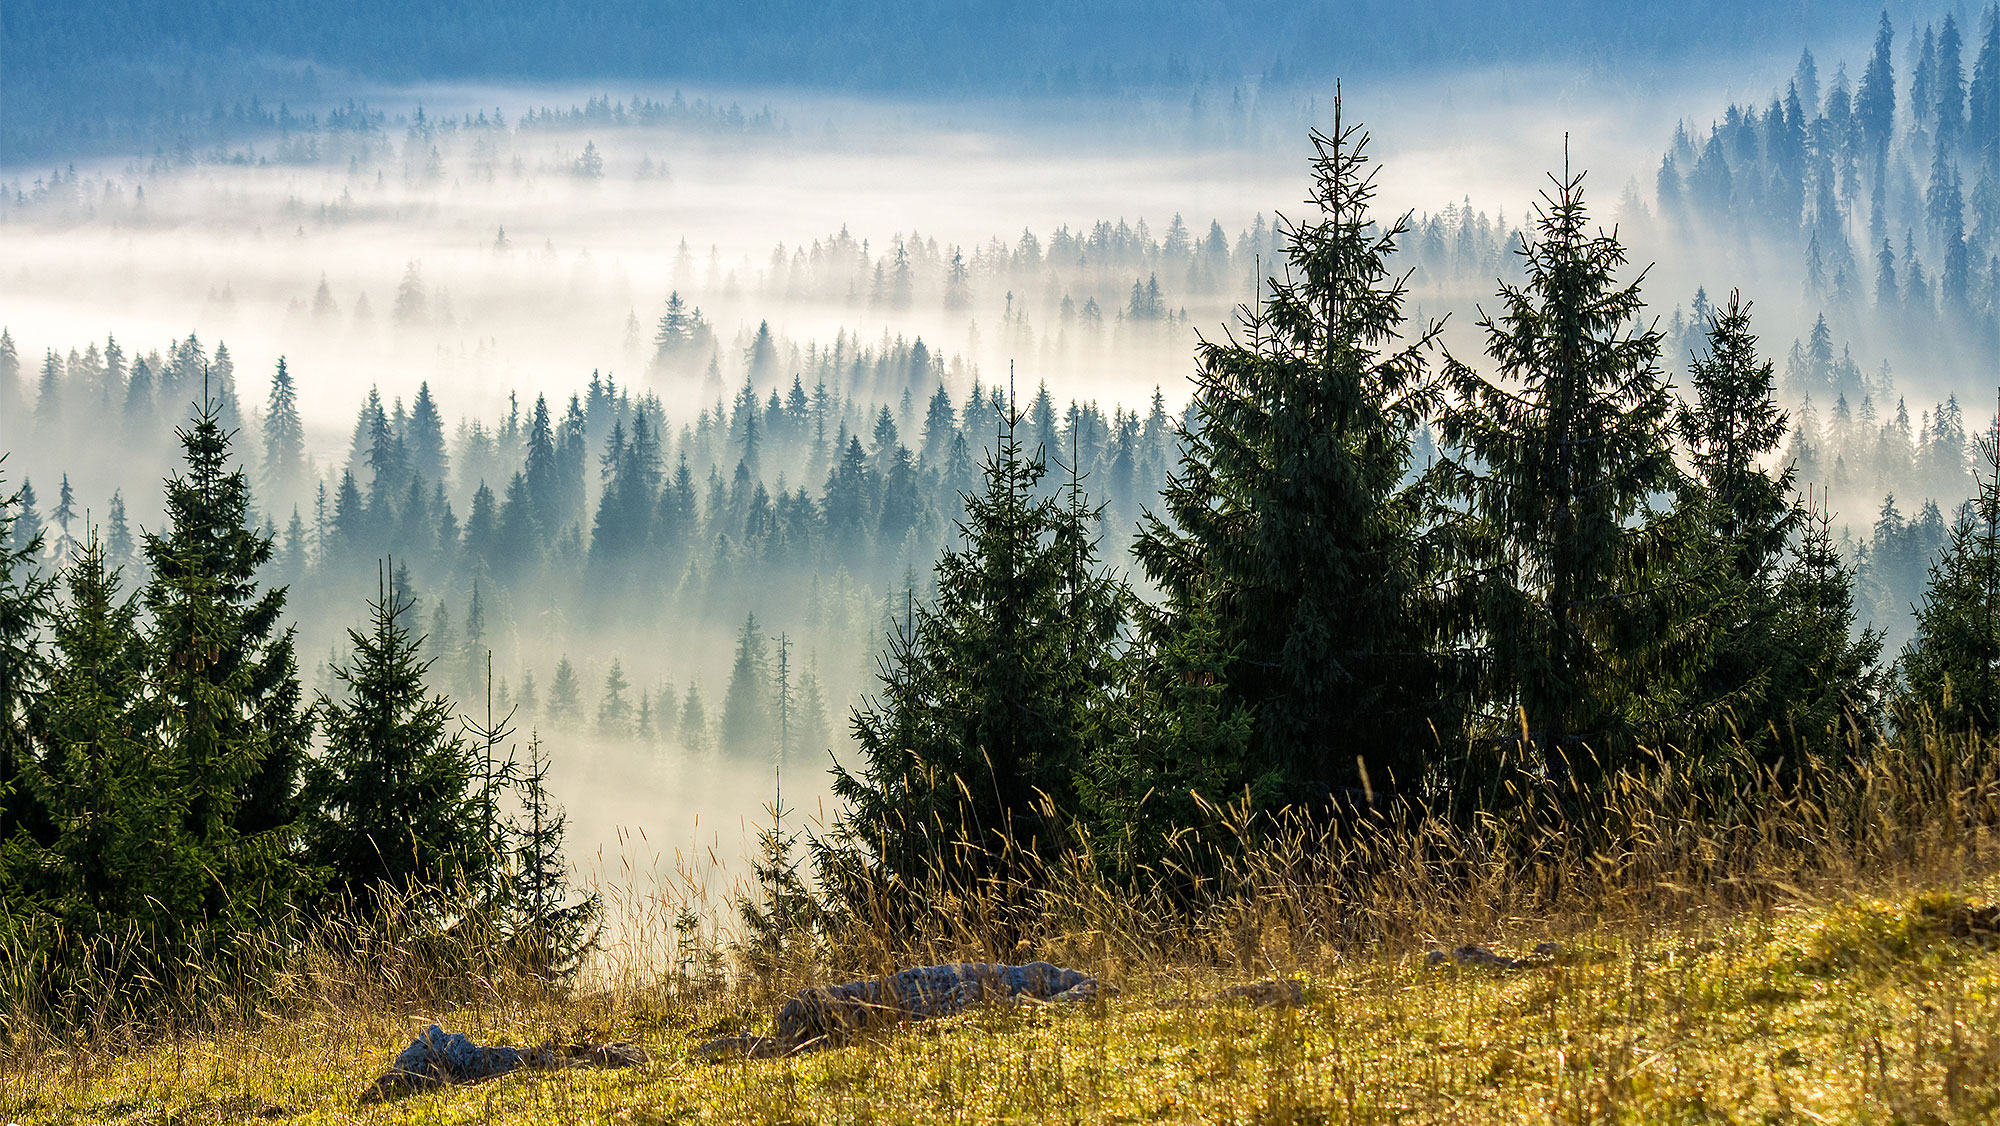 Почему ёлки зелёные? Учёные раскрыли секрет хвойных деревьев